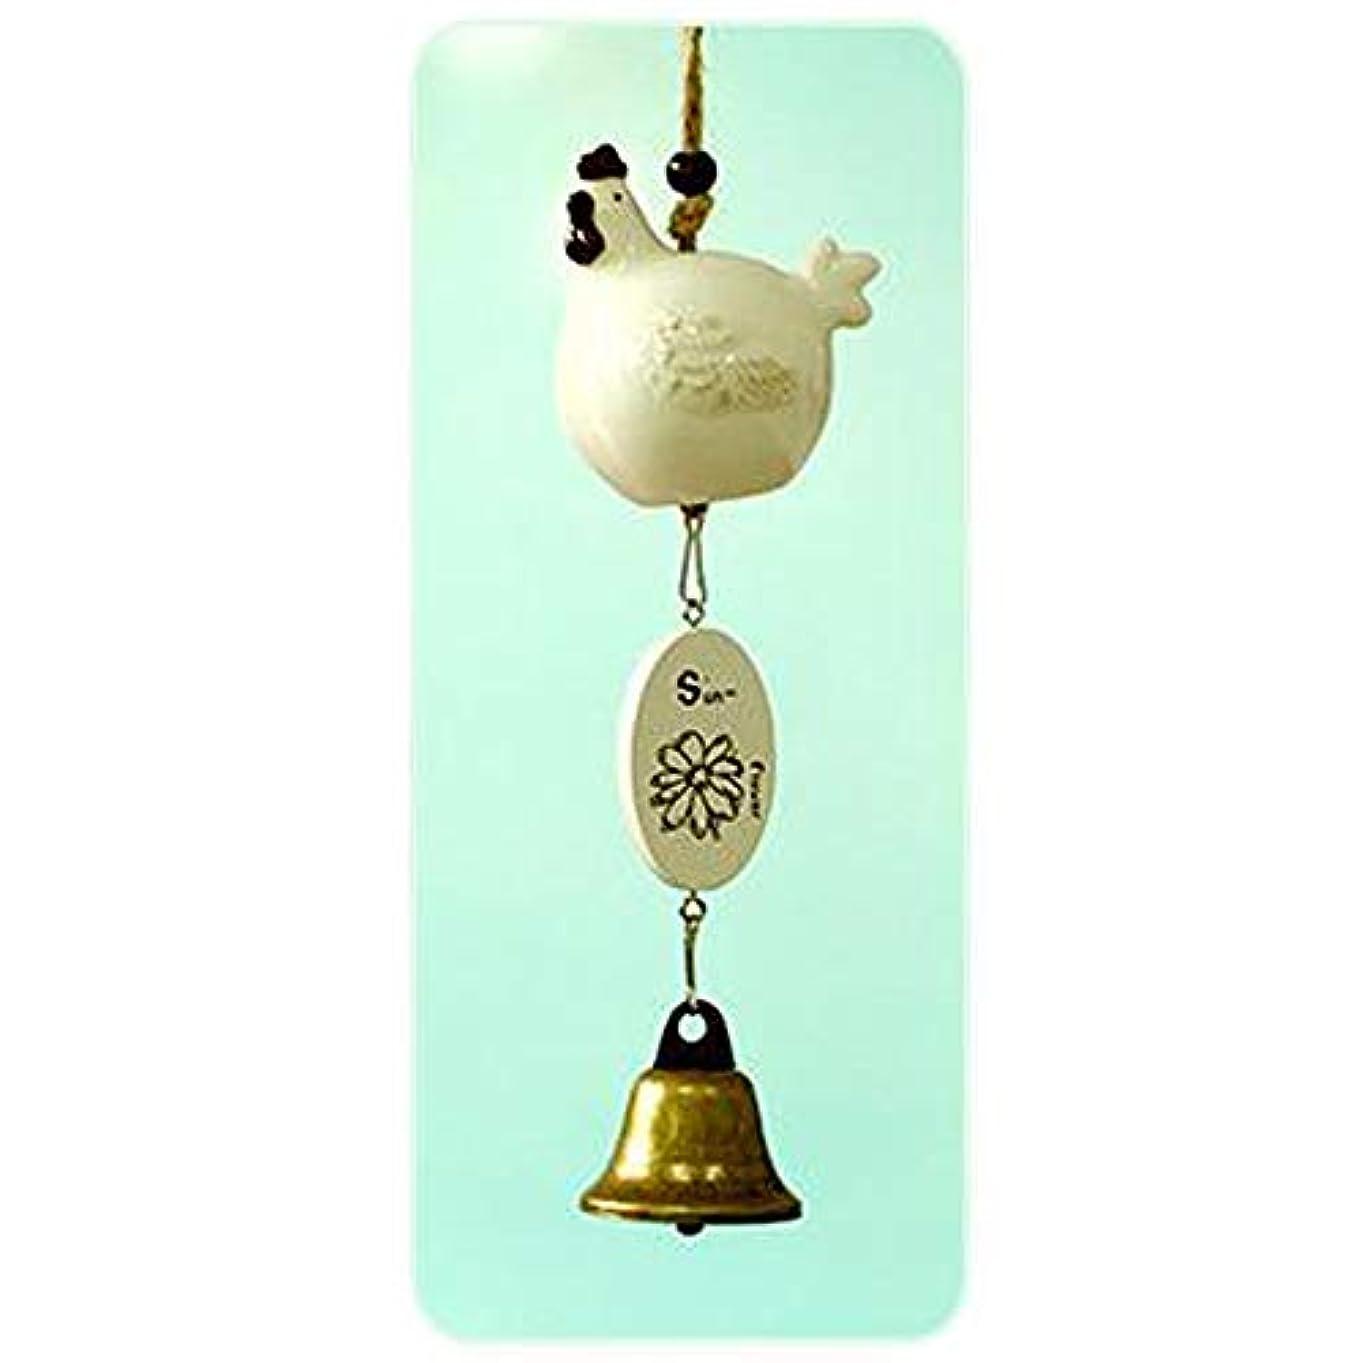 トラブルつらいコンドームJingfengtongxun 風チャイム、セラミック風チャイム漫画の動物、ホワイト、全長約20cm,スタイリッシュなホリデーギフト (Color : D)